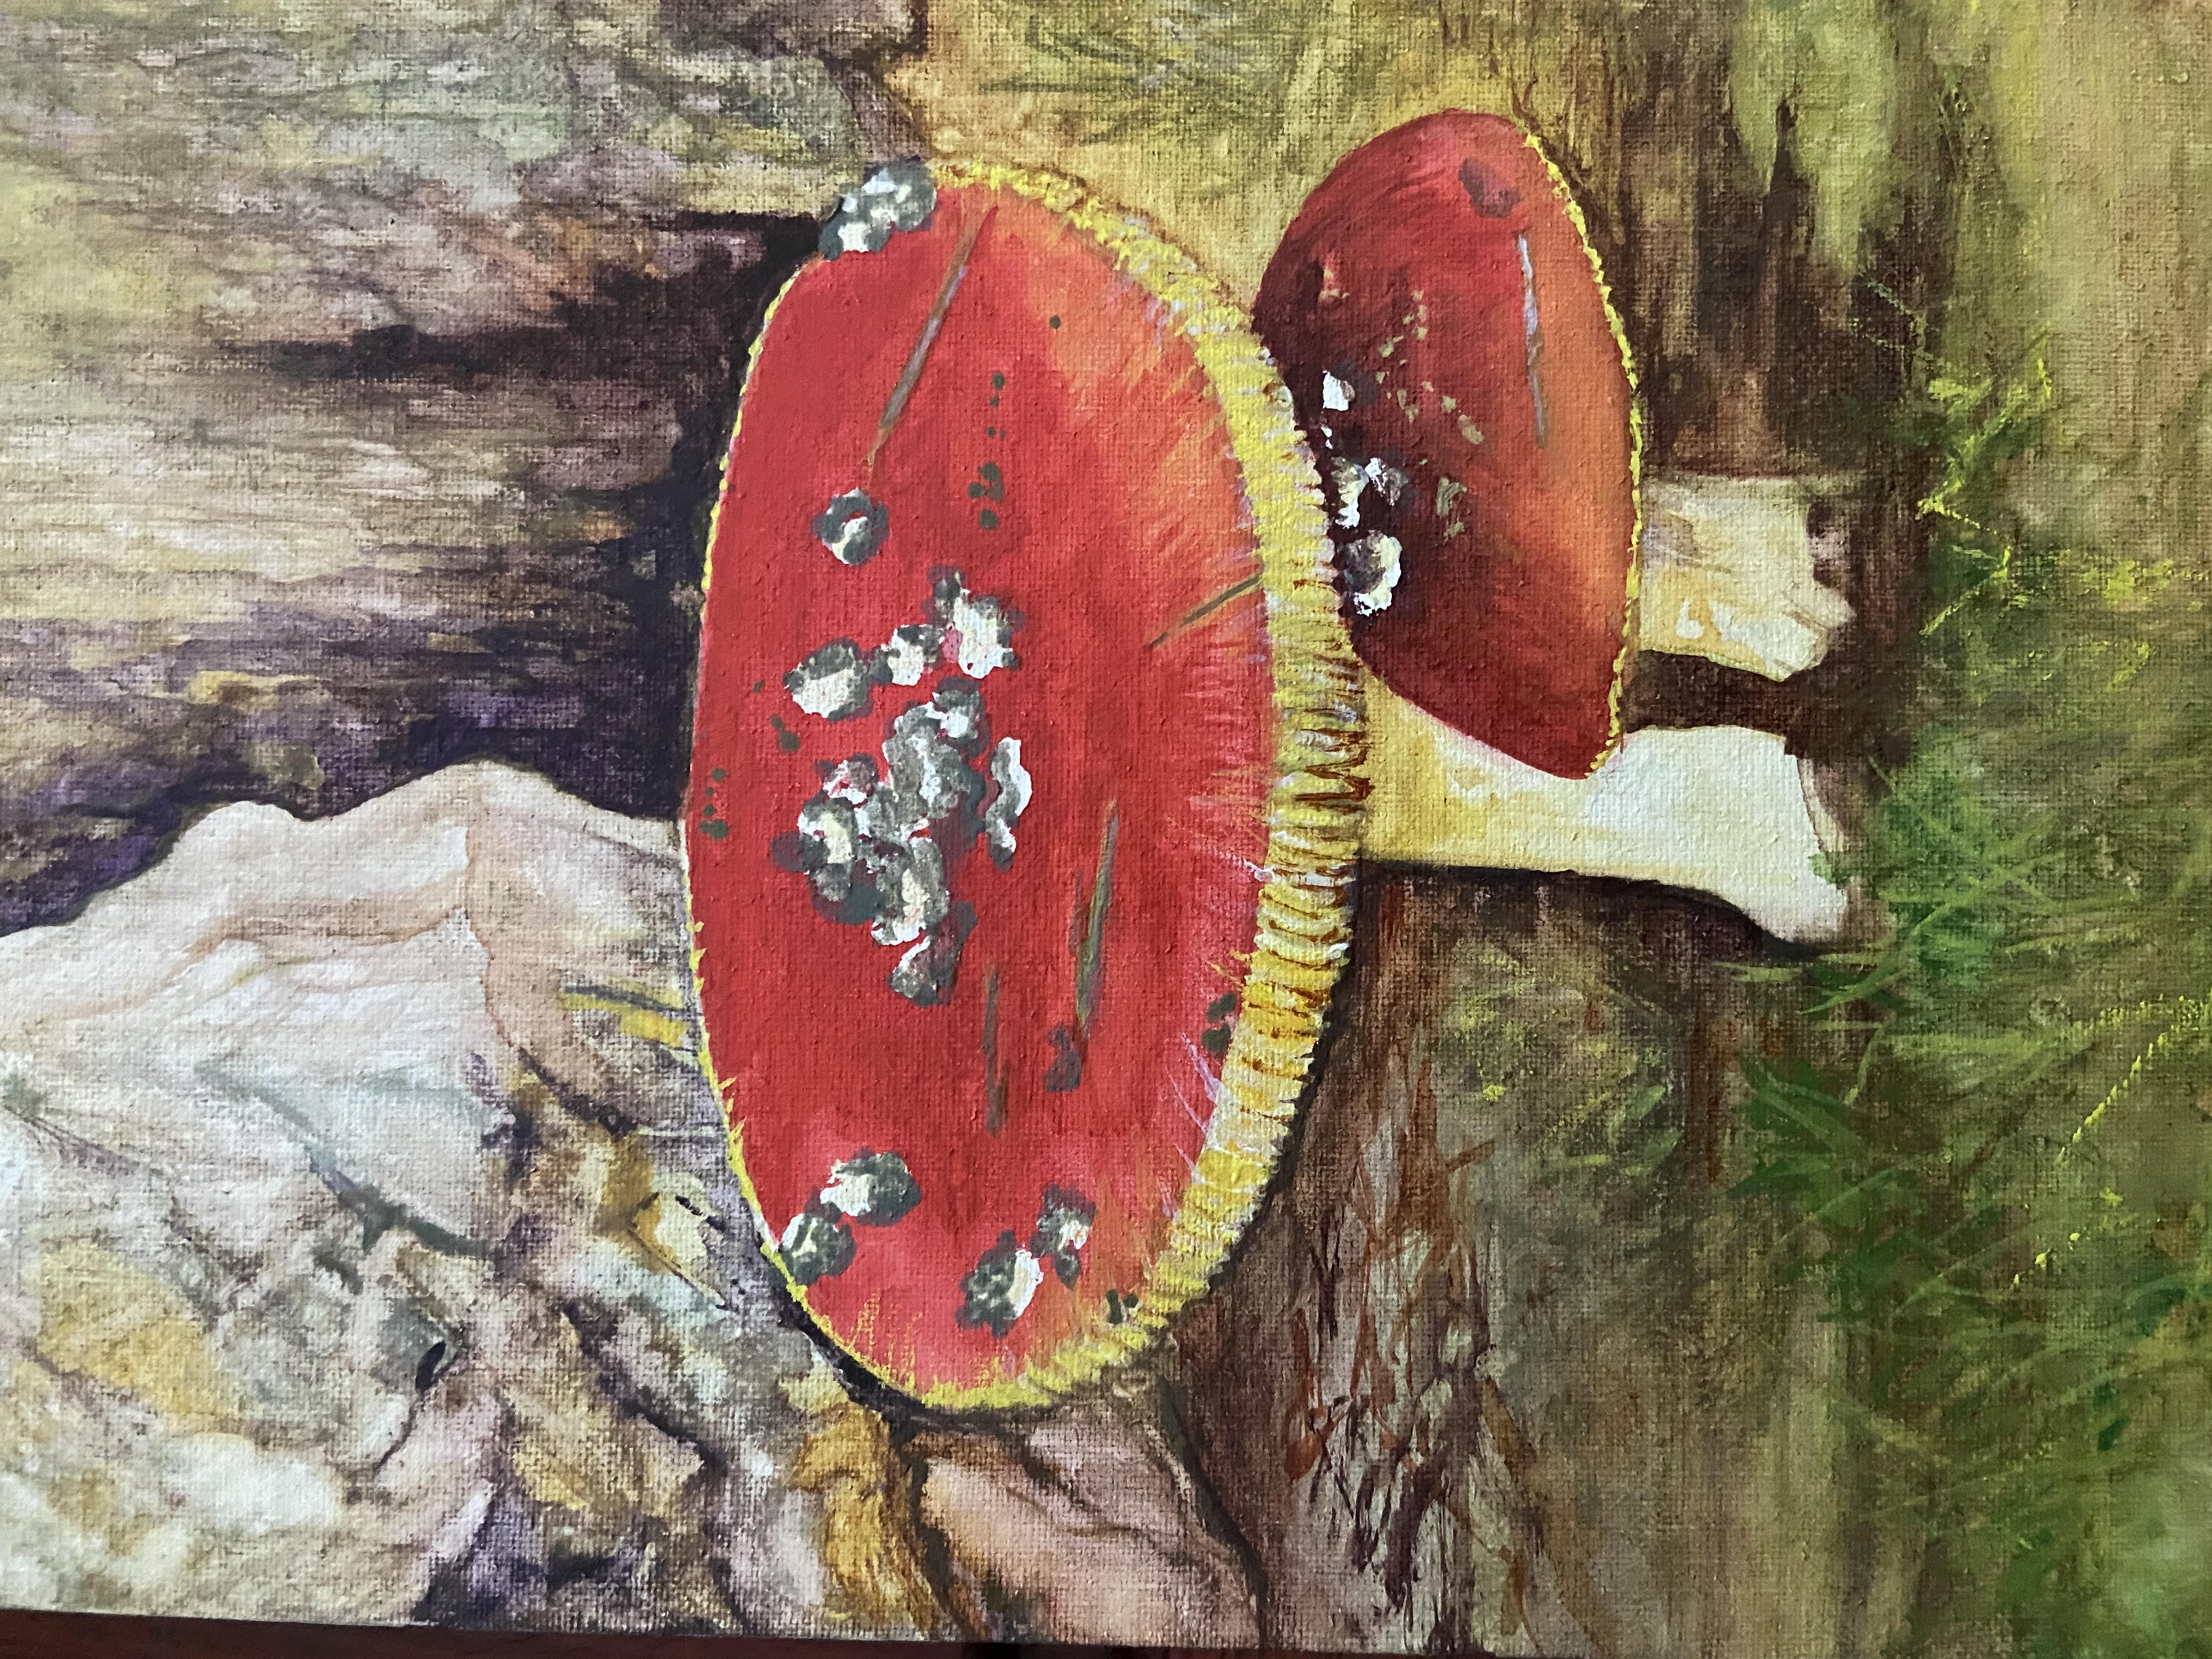 Mushroom Fantasy 2